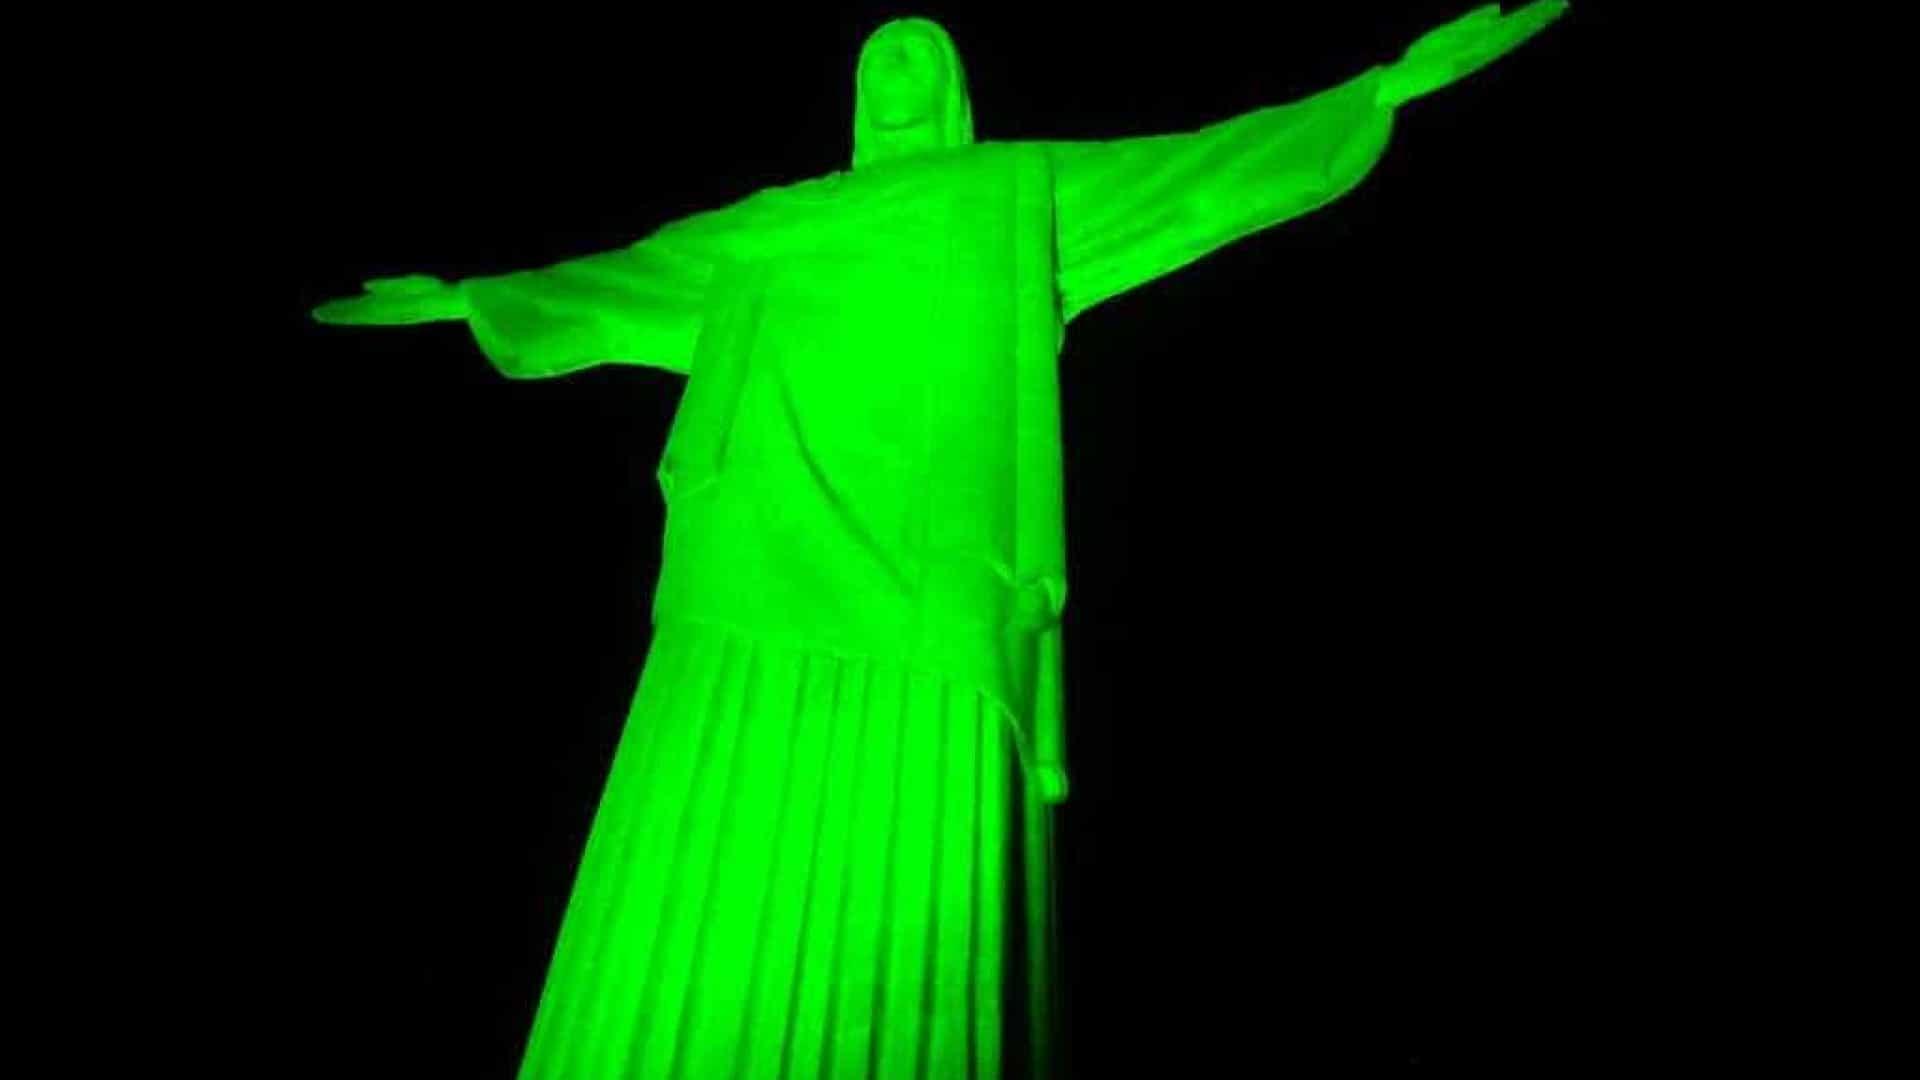 Descrição da imagem: foto do Cristo Redentor iluminado na cor verde.